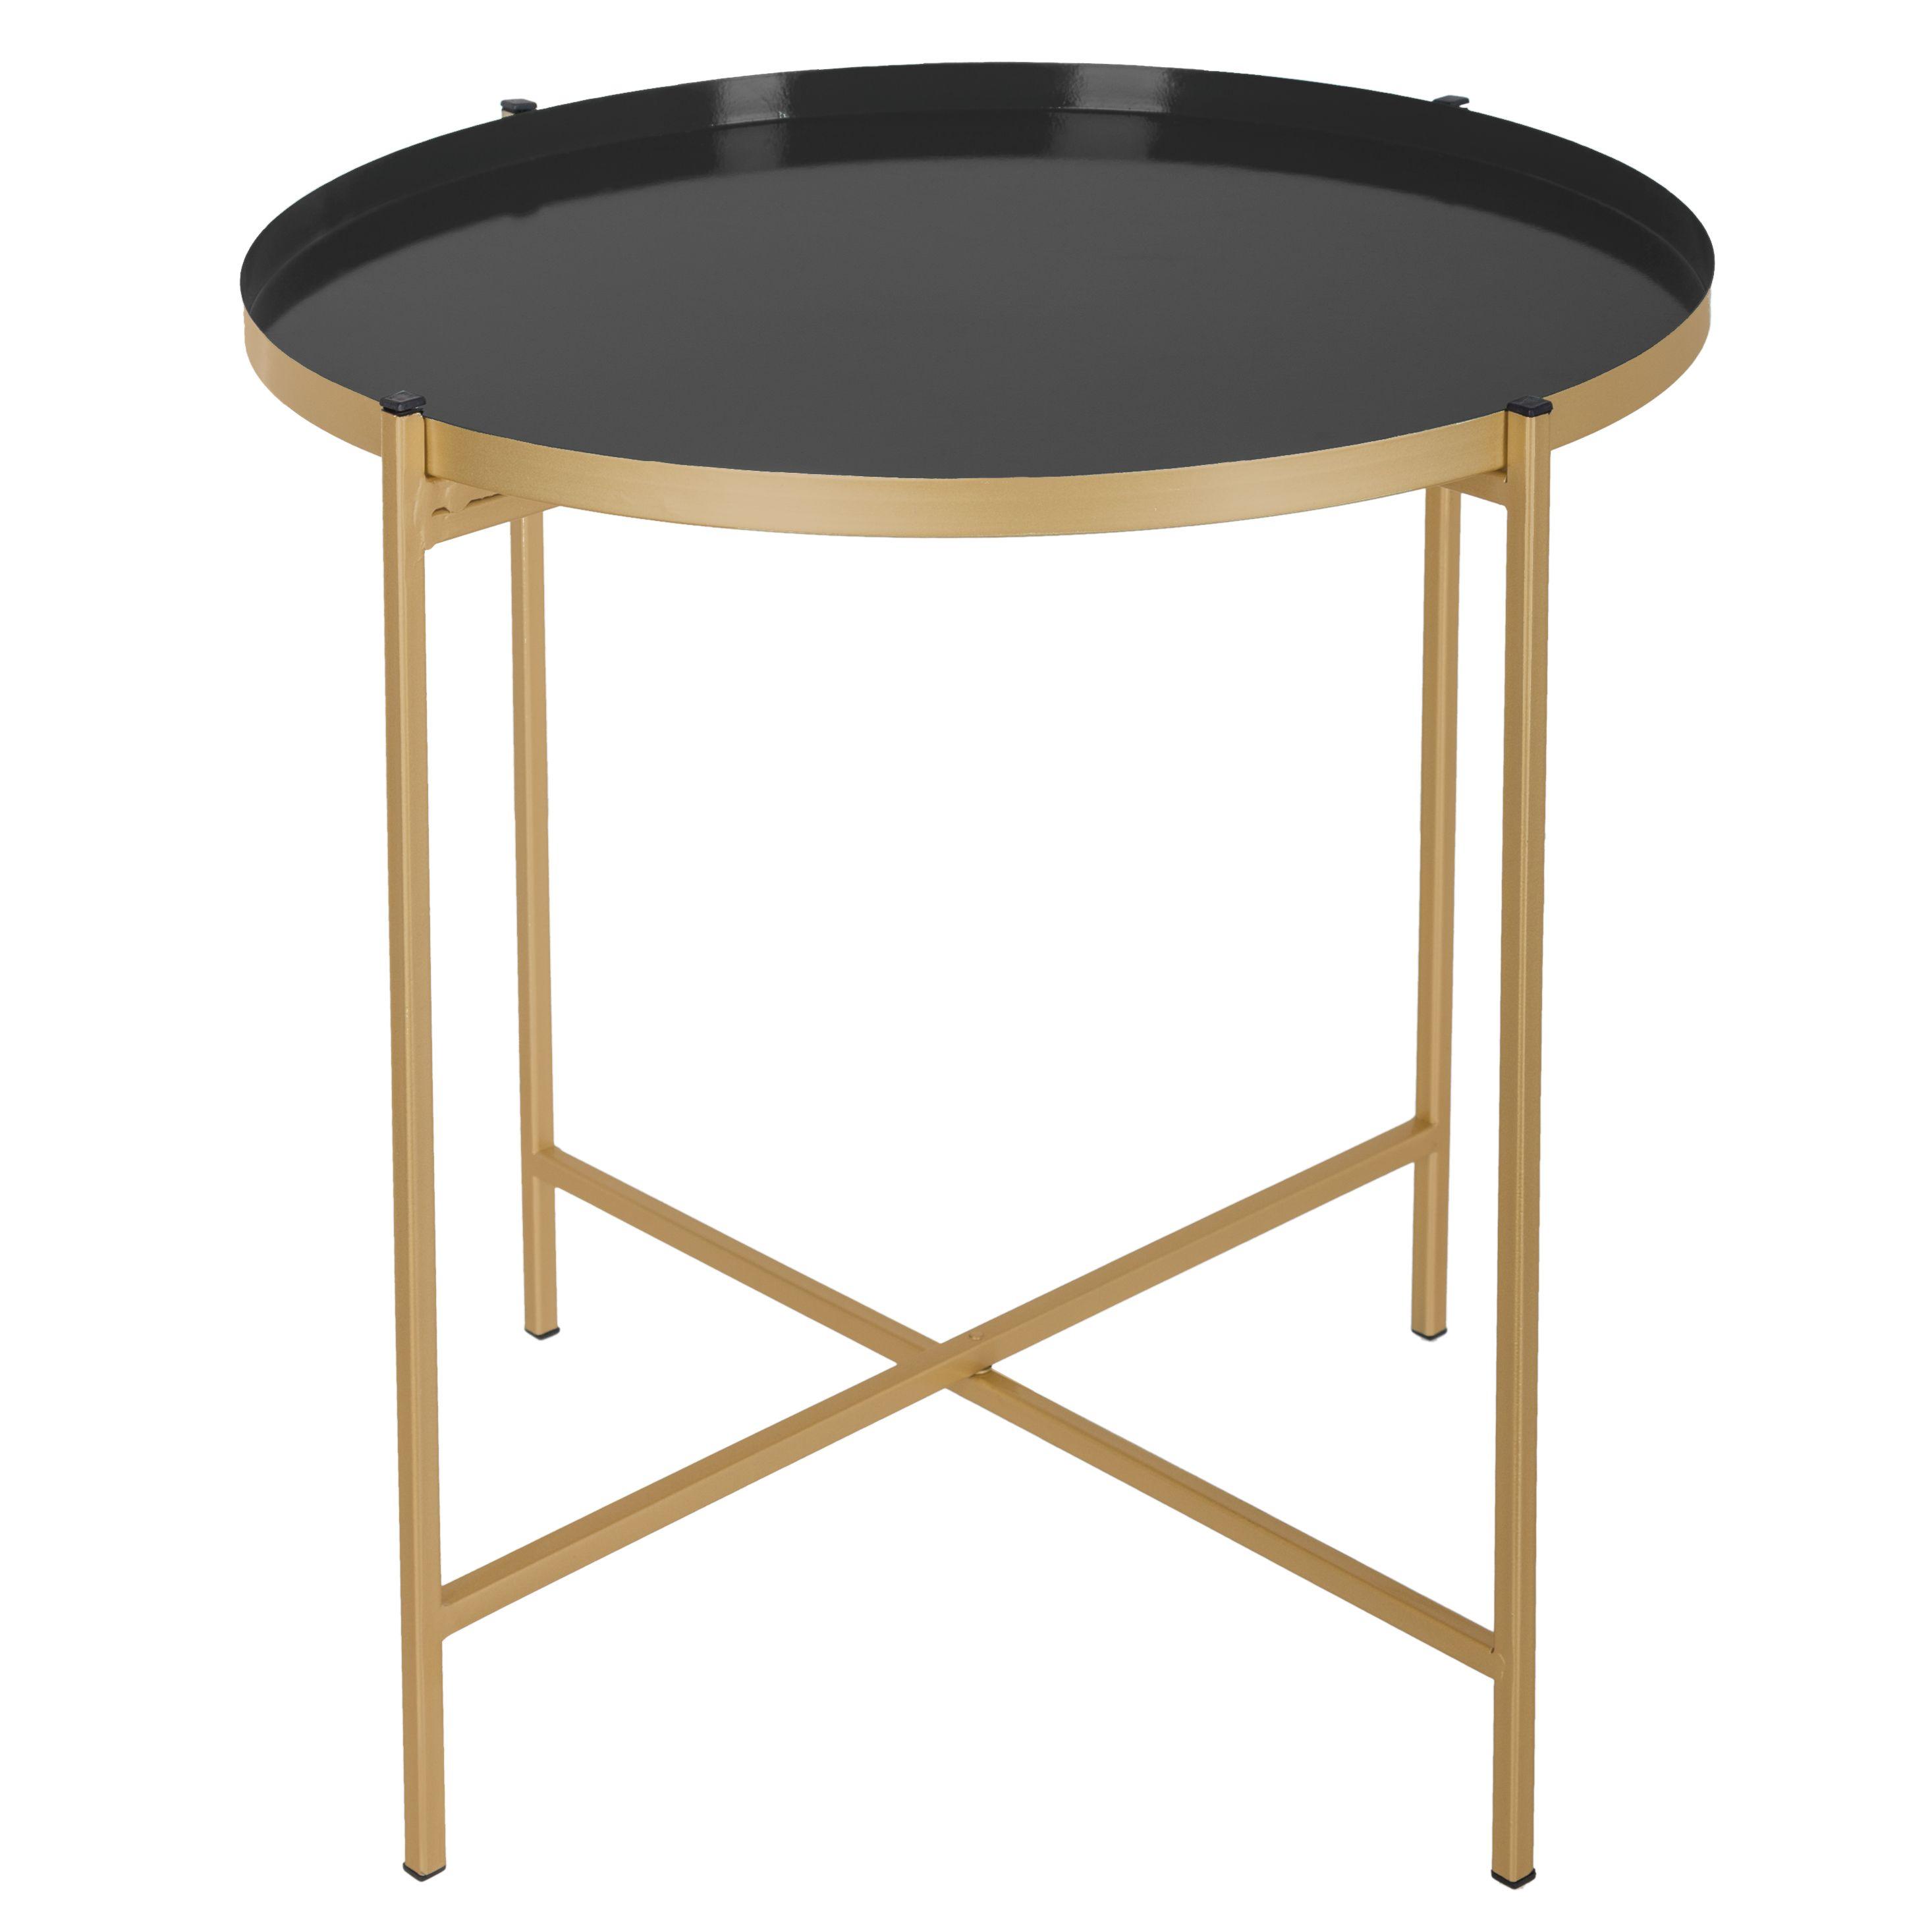 Table A Cafe Noire Sanat En Metal Tendance Et Chic Vous Serez Seduit Par Le Charme De La Table A Cafe No Table D Appoint Ronde Table Cafe Table D Appoint